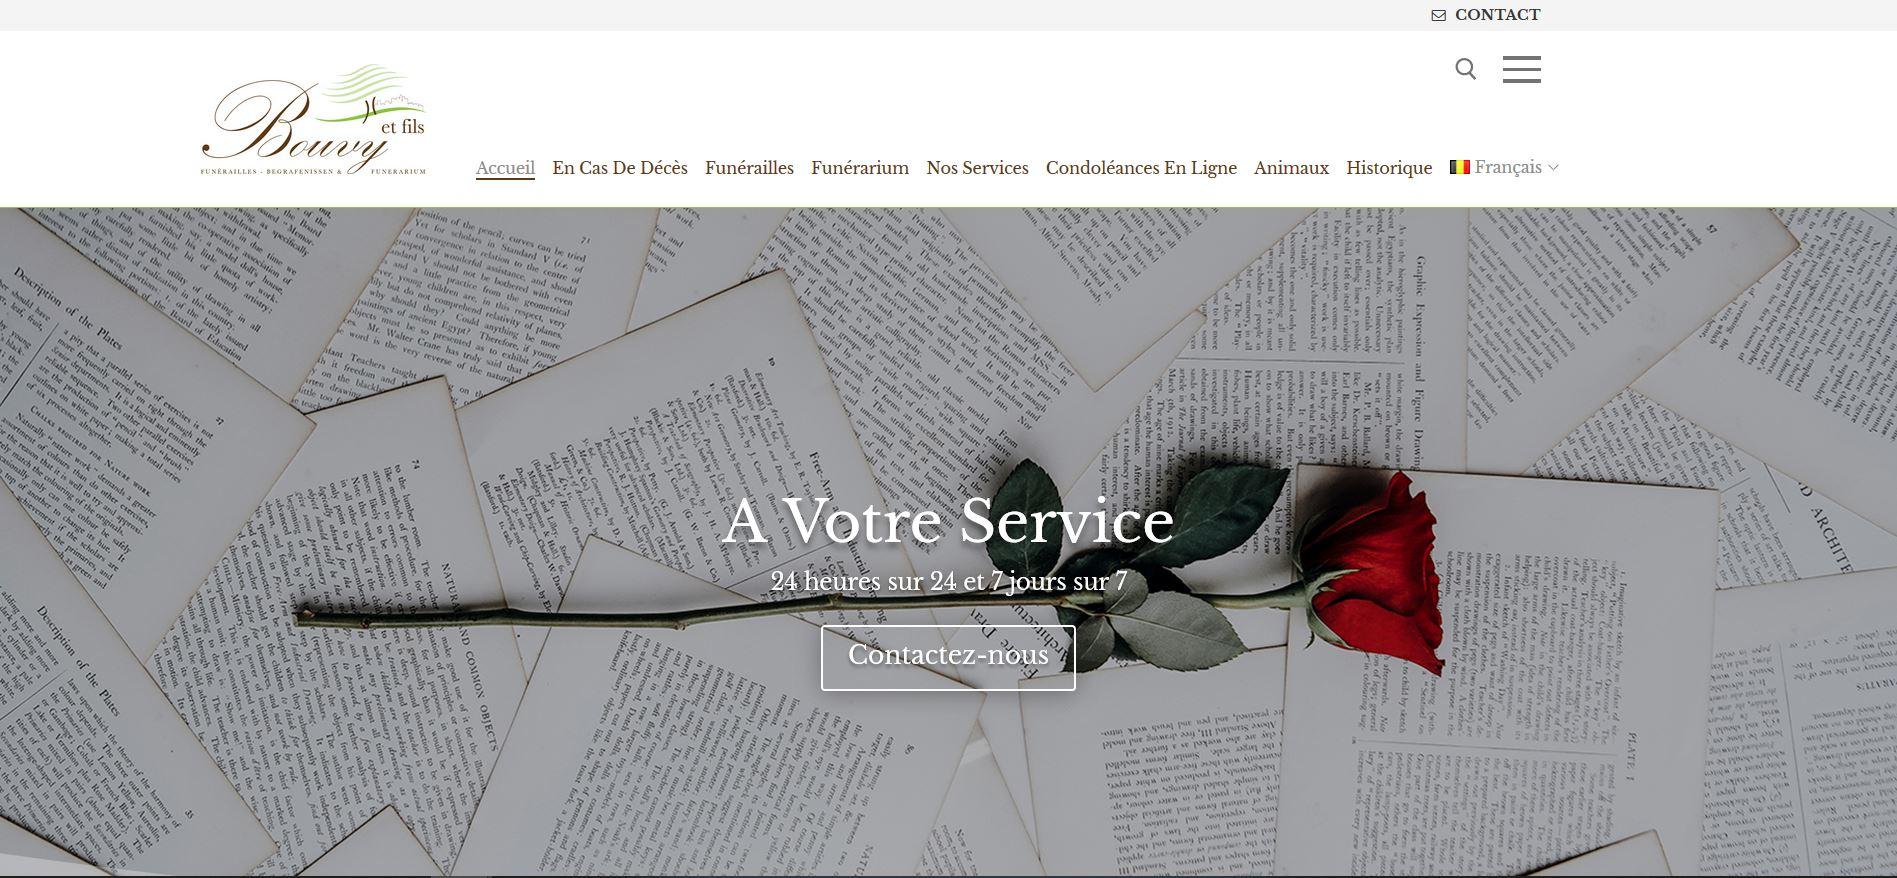 Réalisation de site internet & services internet